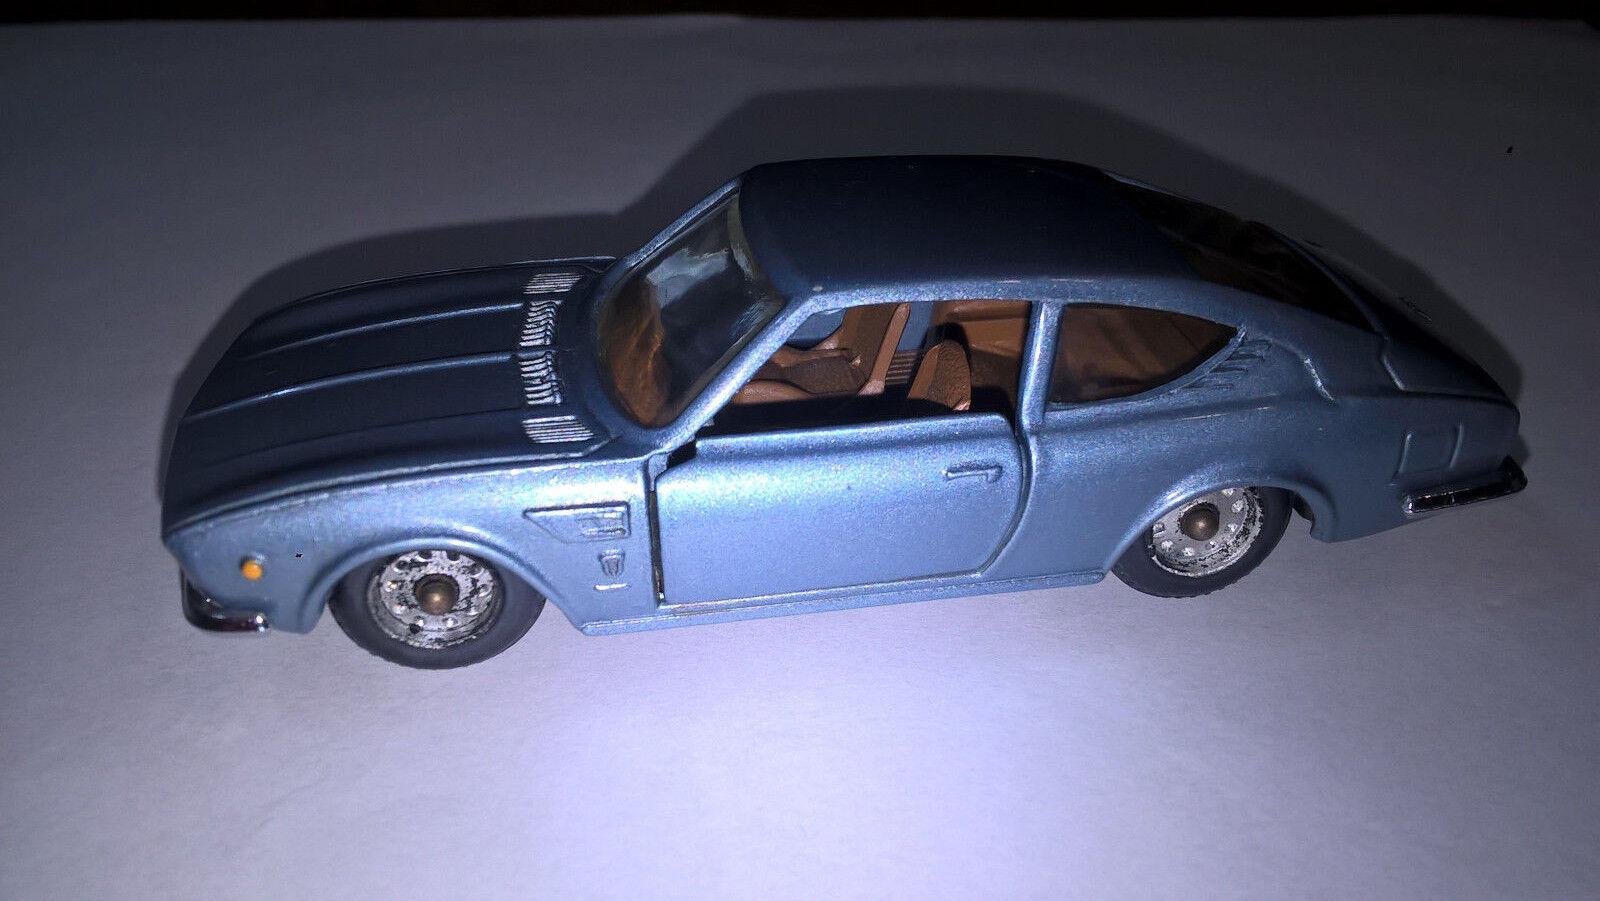 mejor moda Mercury Mercury Mercury Art. 63 FIAT DINO COUPE' BERTONE del 1967.  marcas de diseñadores baratos